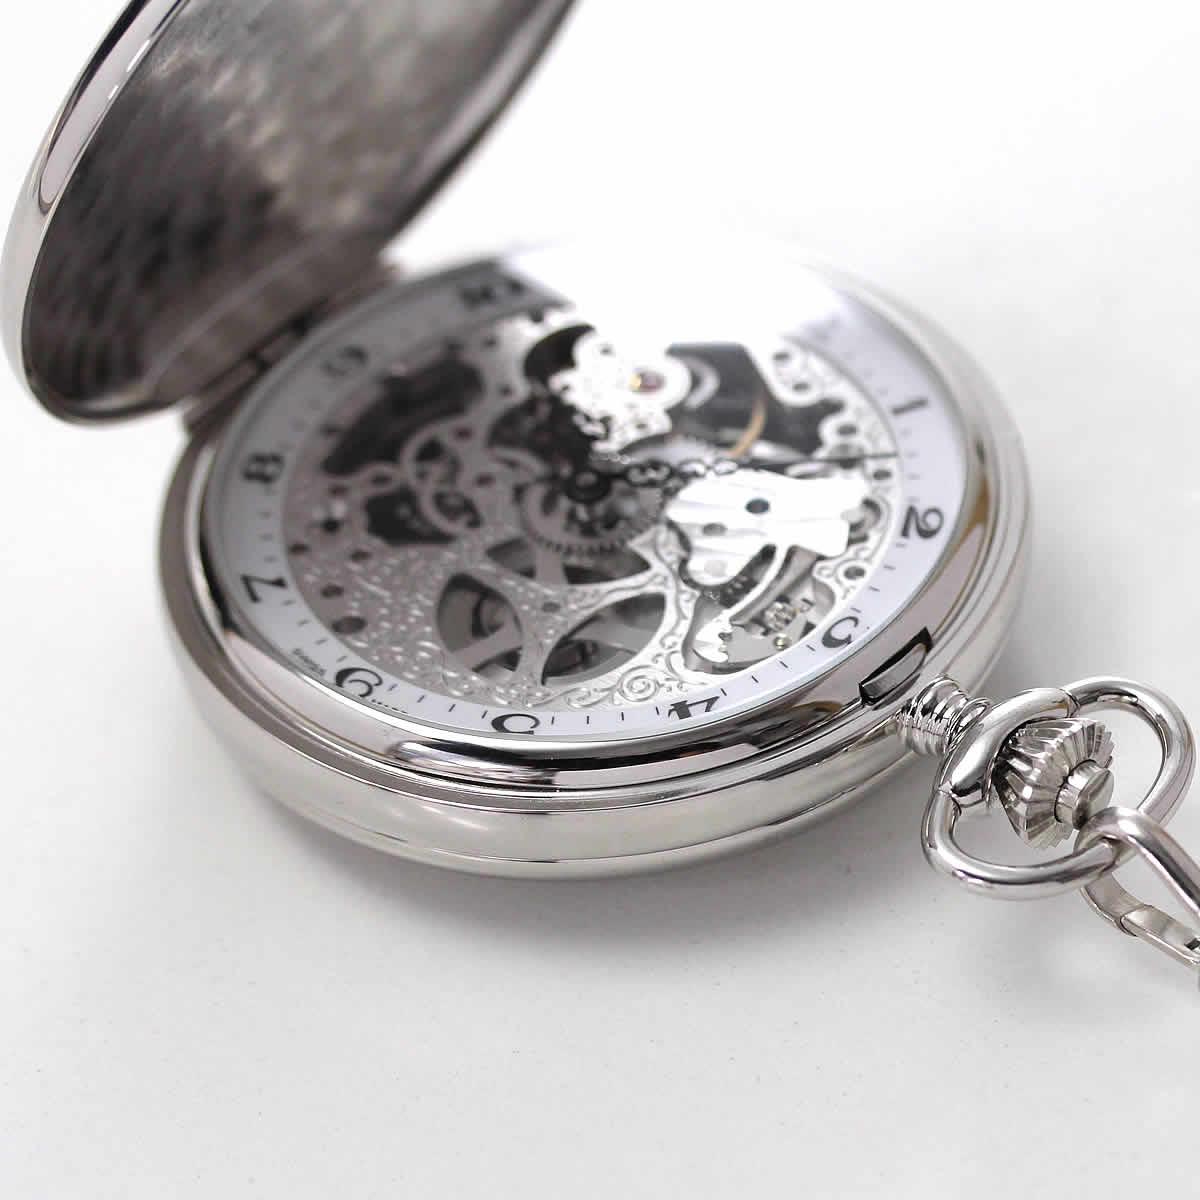 記念品などの贈り物に人気の懐中時計